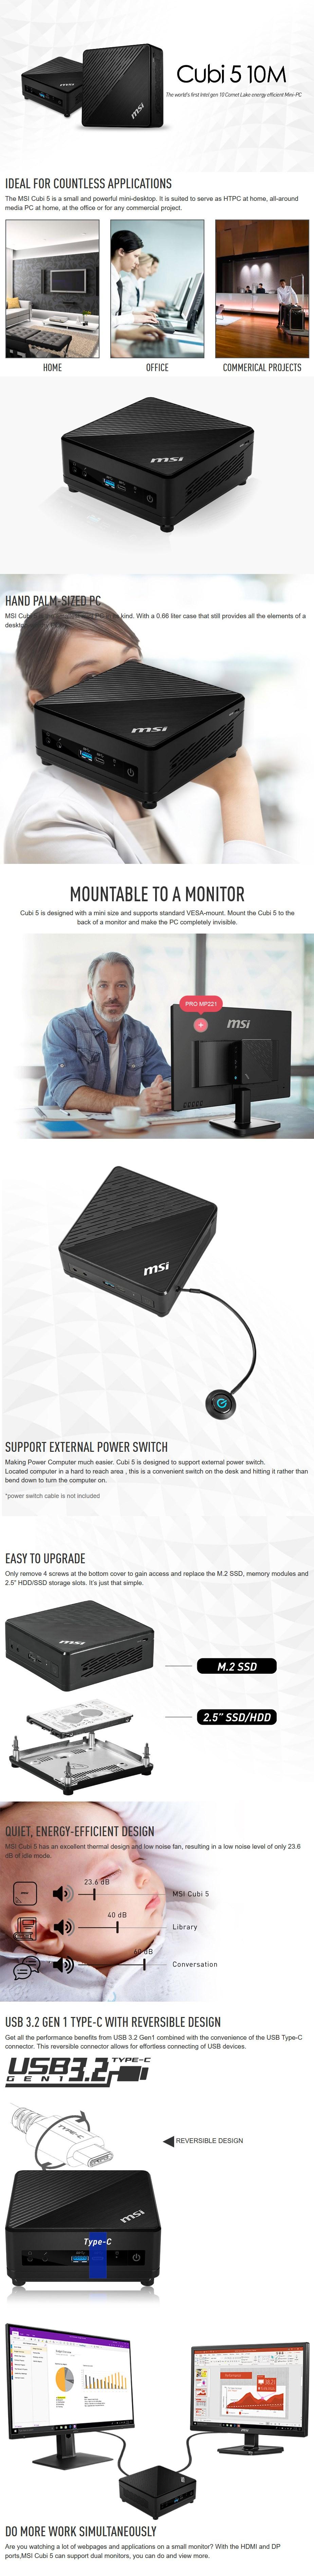 msi-cubi-5-10m037bau-barafebone-minipc-intel-core-i3-processor-ac36139-3-1-.jpg